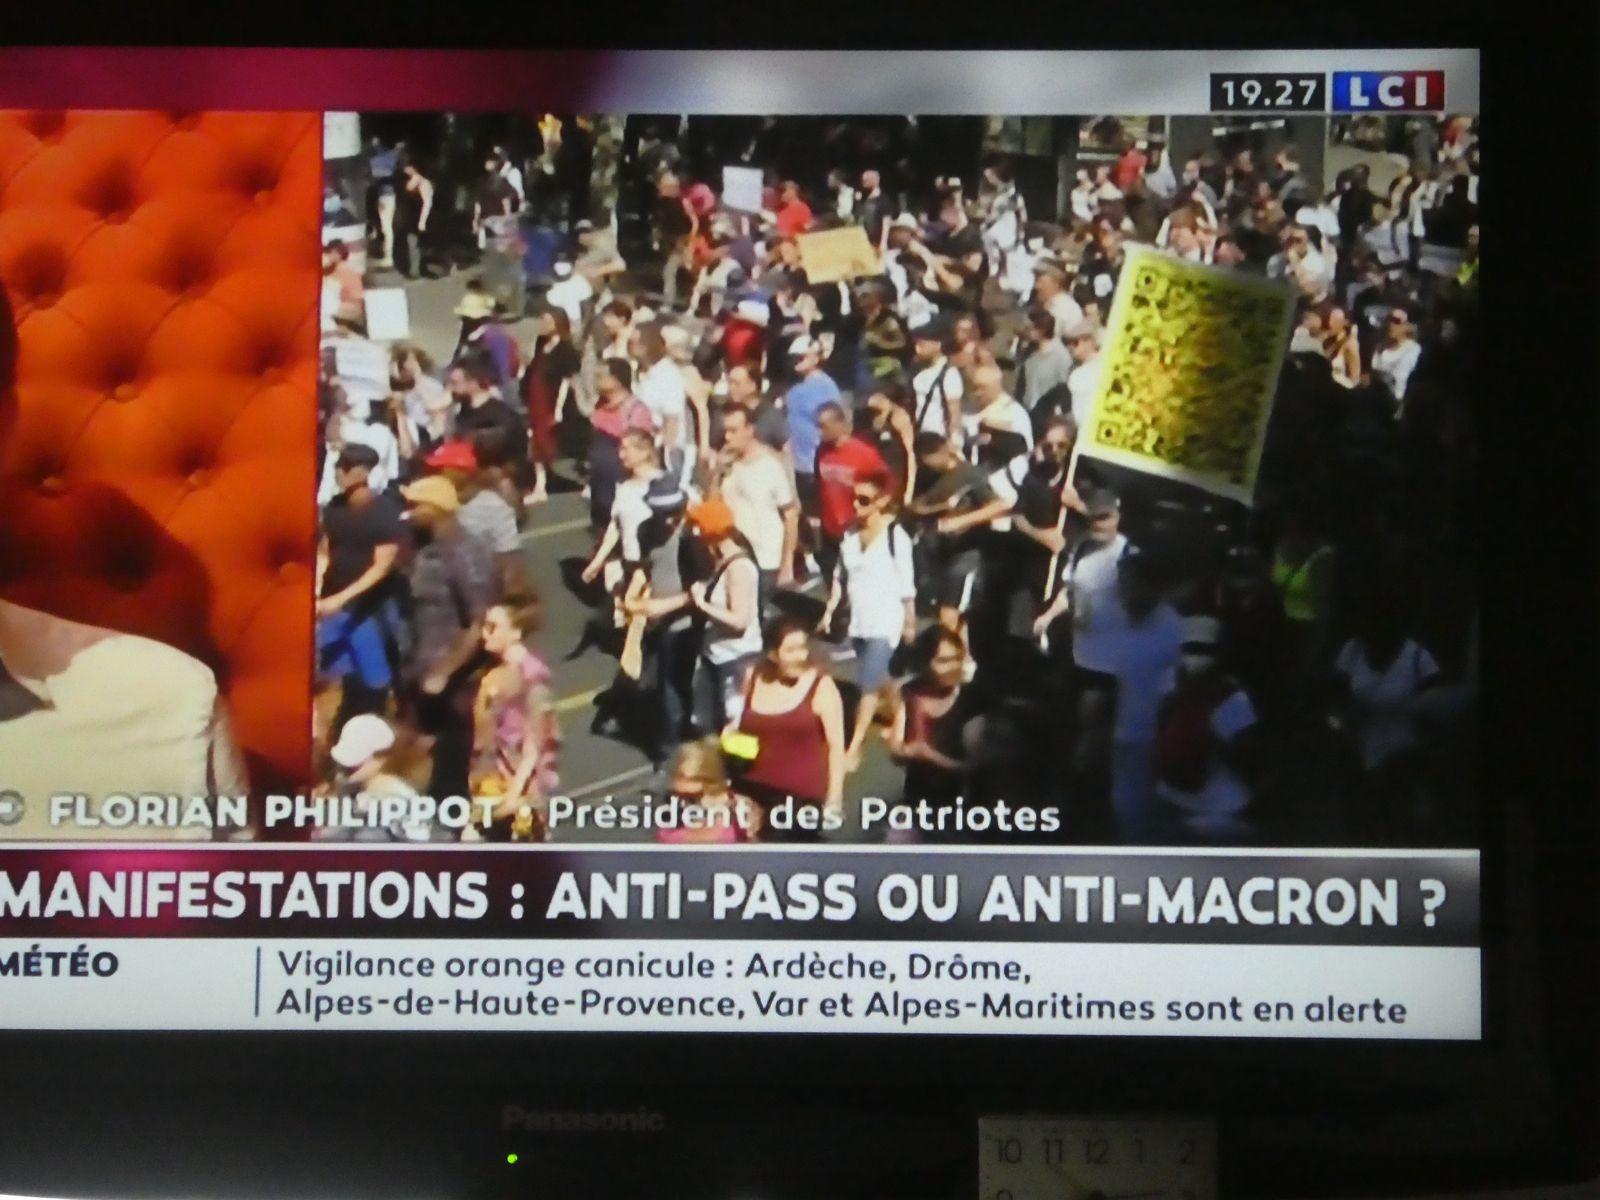 14 AOÛT 2021 - 5e SEMAINE DE MANIFESTATIONS EN FRANCE